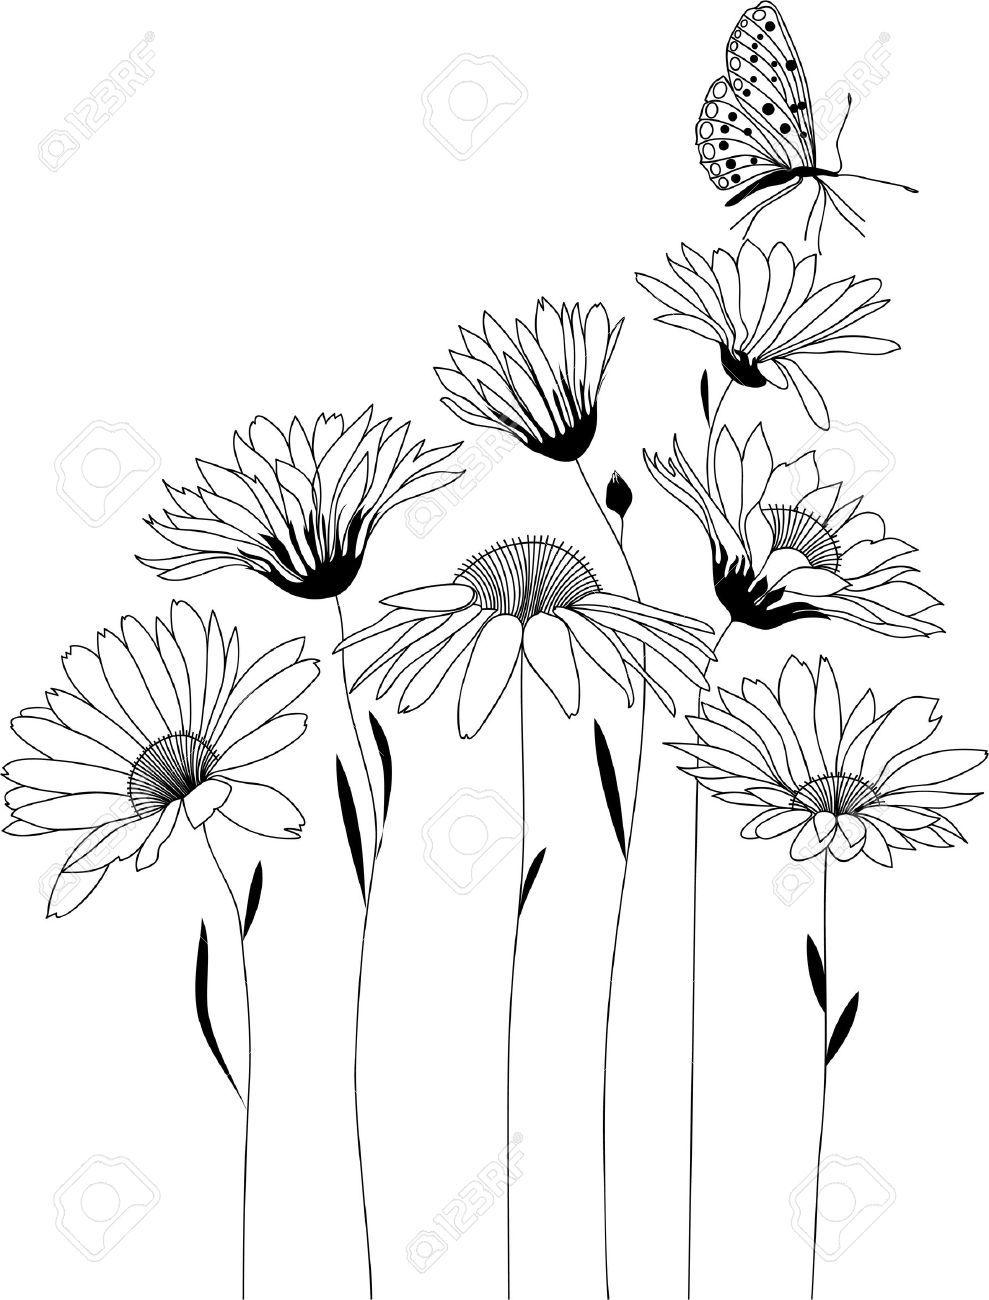 Disegni Fiori Stilizzati Da Colorare : disegni, fiori, stilizzati, colorare, Vettoriale, Disegno, Floreale,, Bouquet, Fiori, Stilizzati,, Illustrazione, Image, 47166921., Fiori,, Dipingere